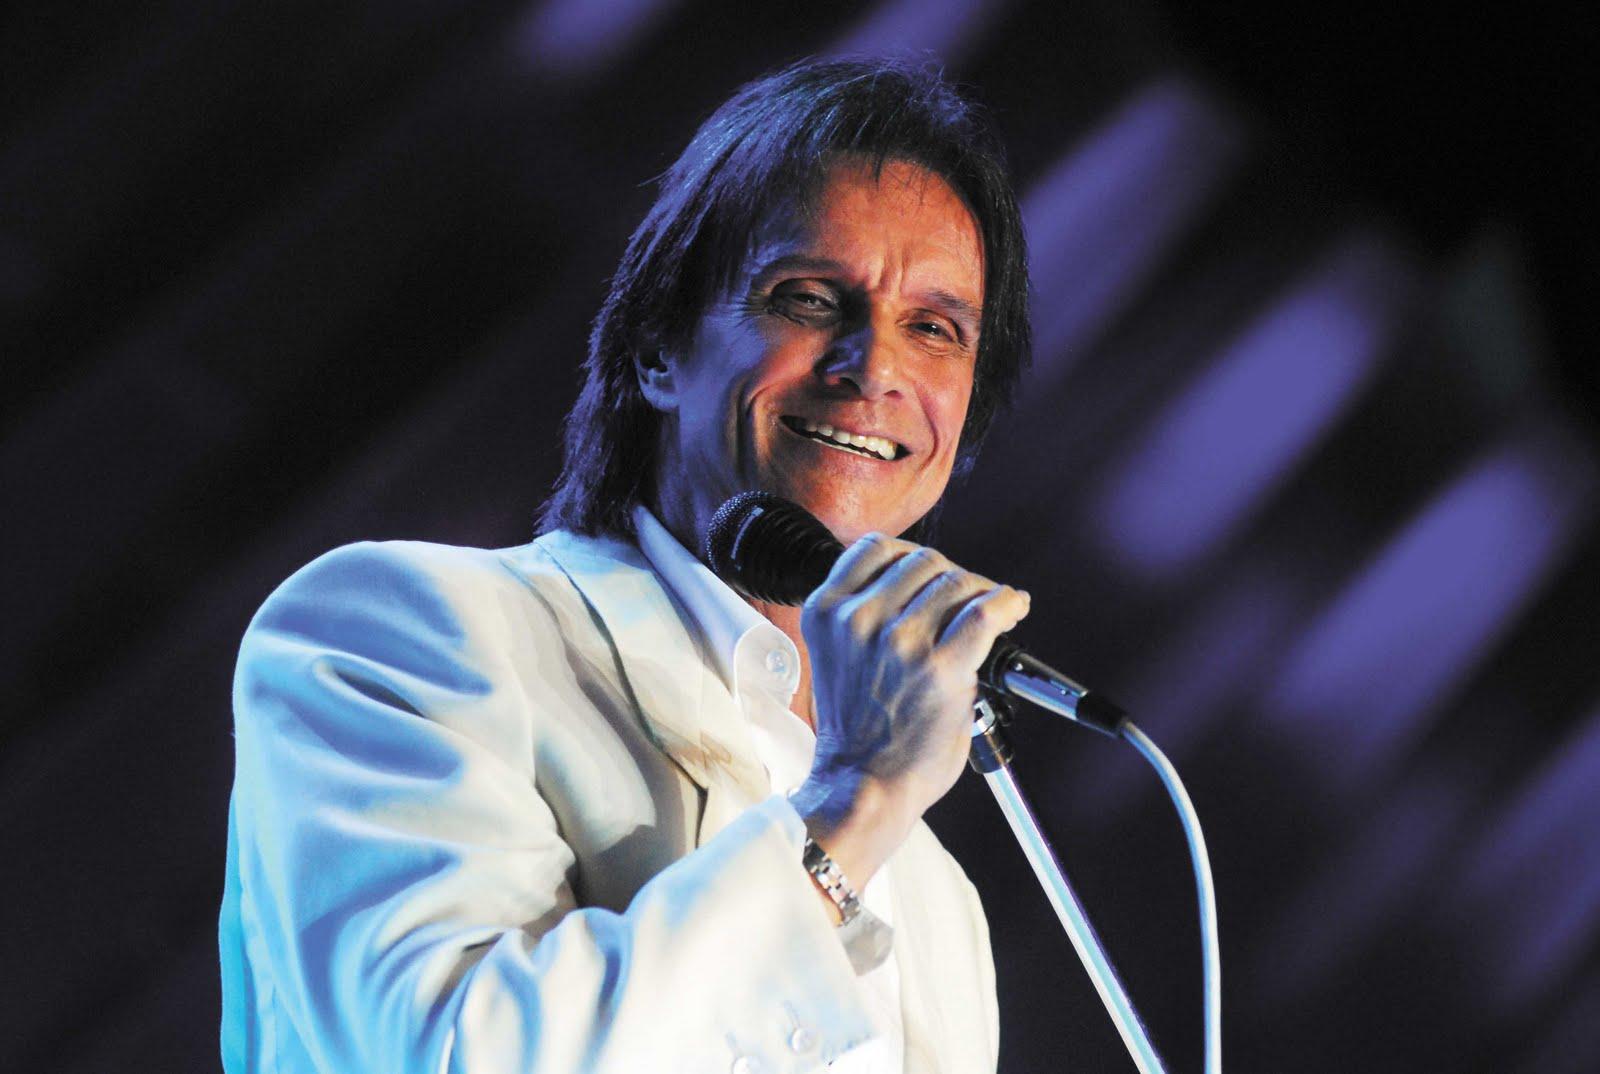 Roberto Carlos (Foto: Divulgação)